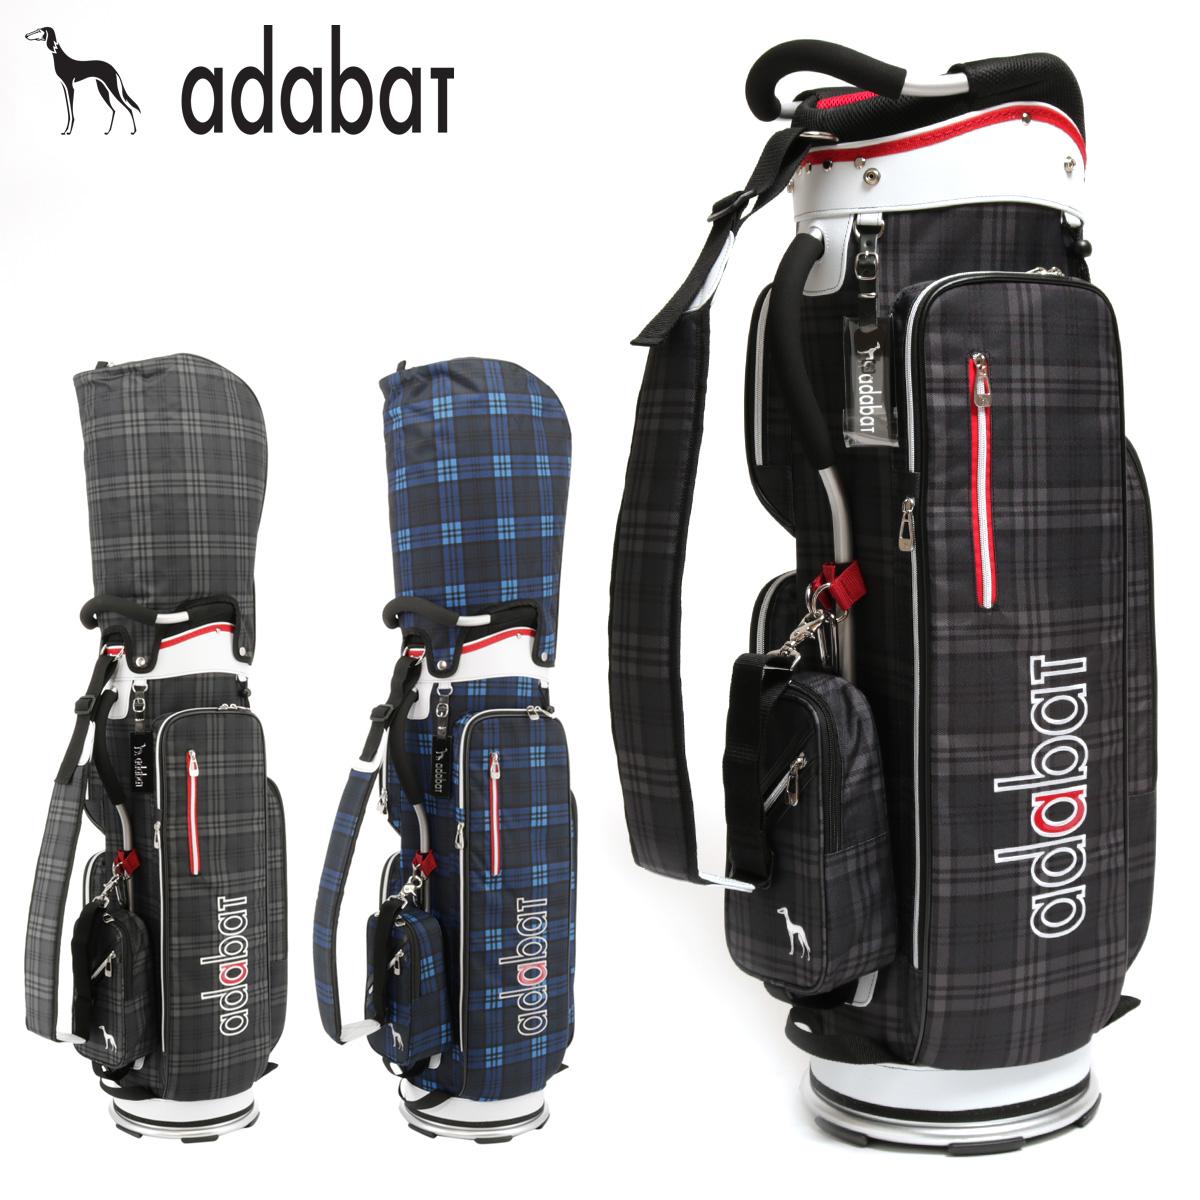 アダバット キャディバッグ 9.0型 47インチ対応 メンズ ABC309 adabat | ゴルフバッグ スタンド ゴルフ[即日発送][PO10]